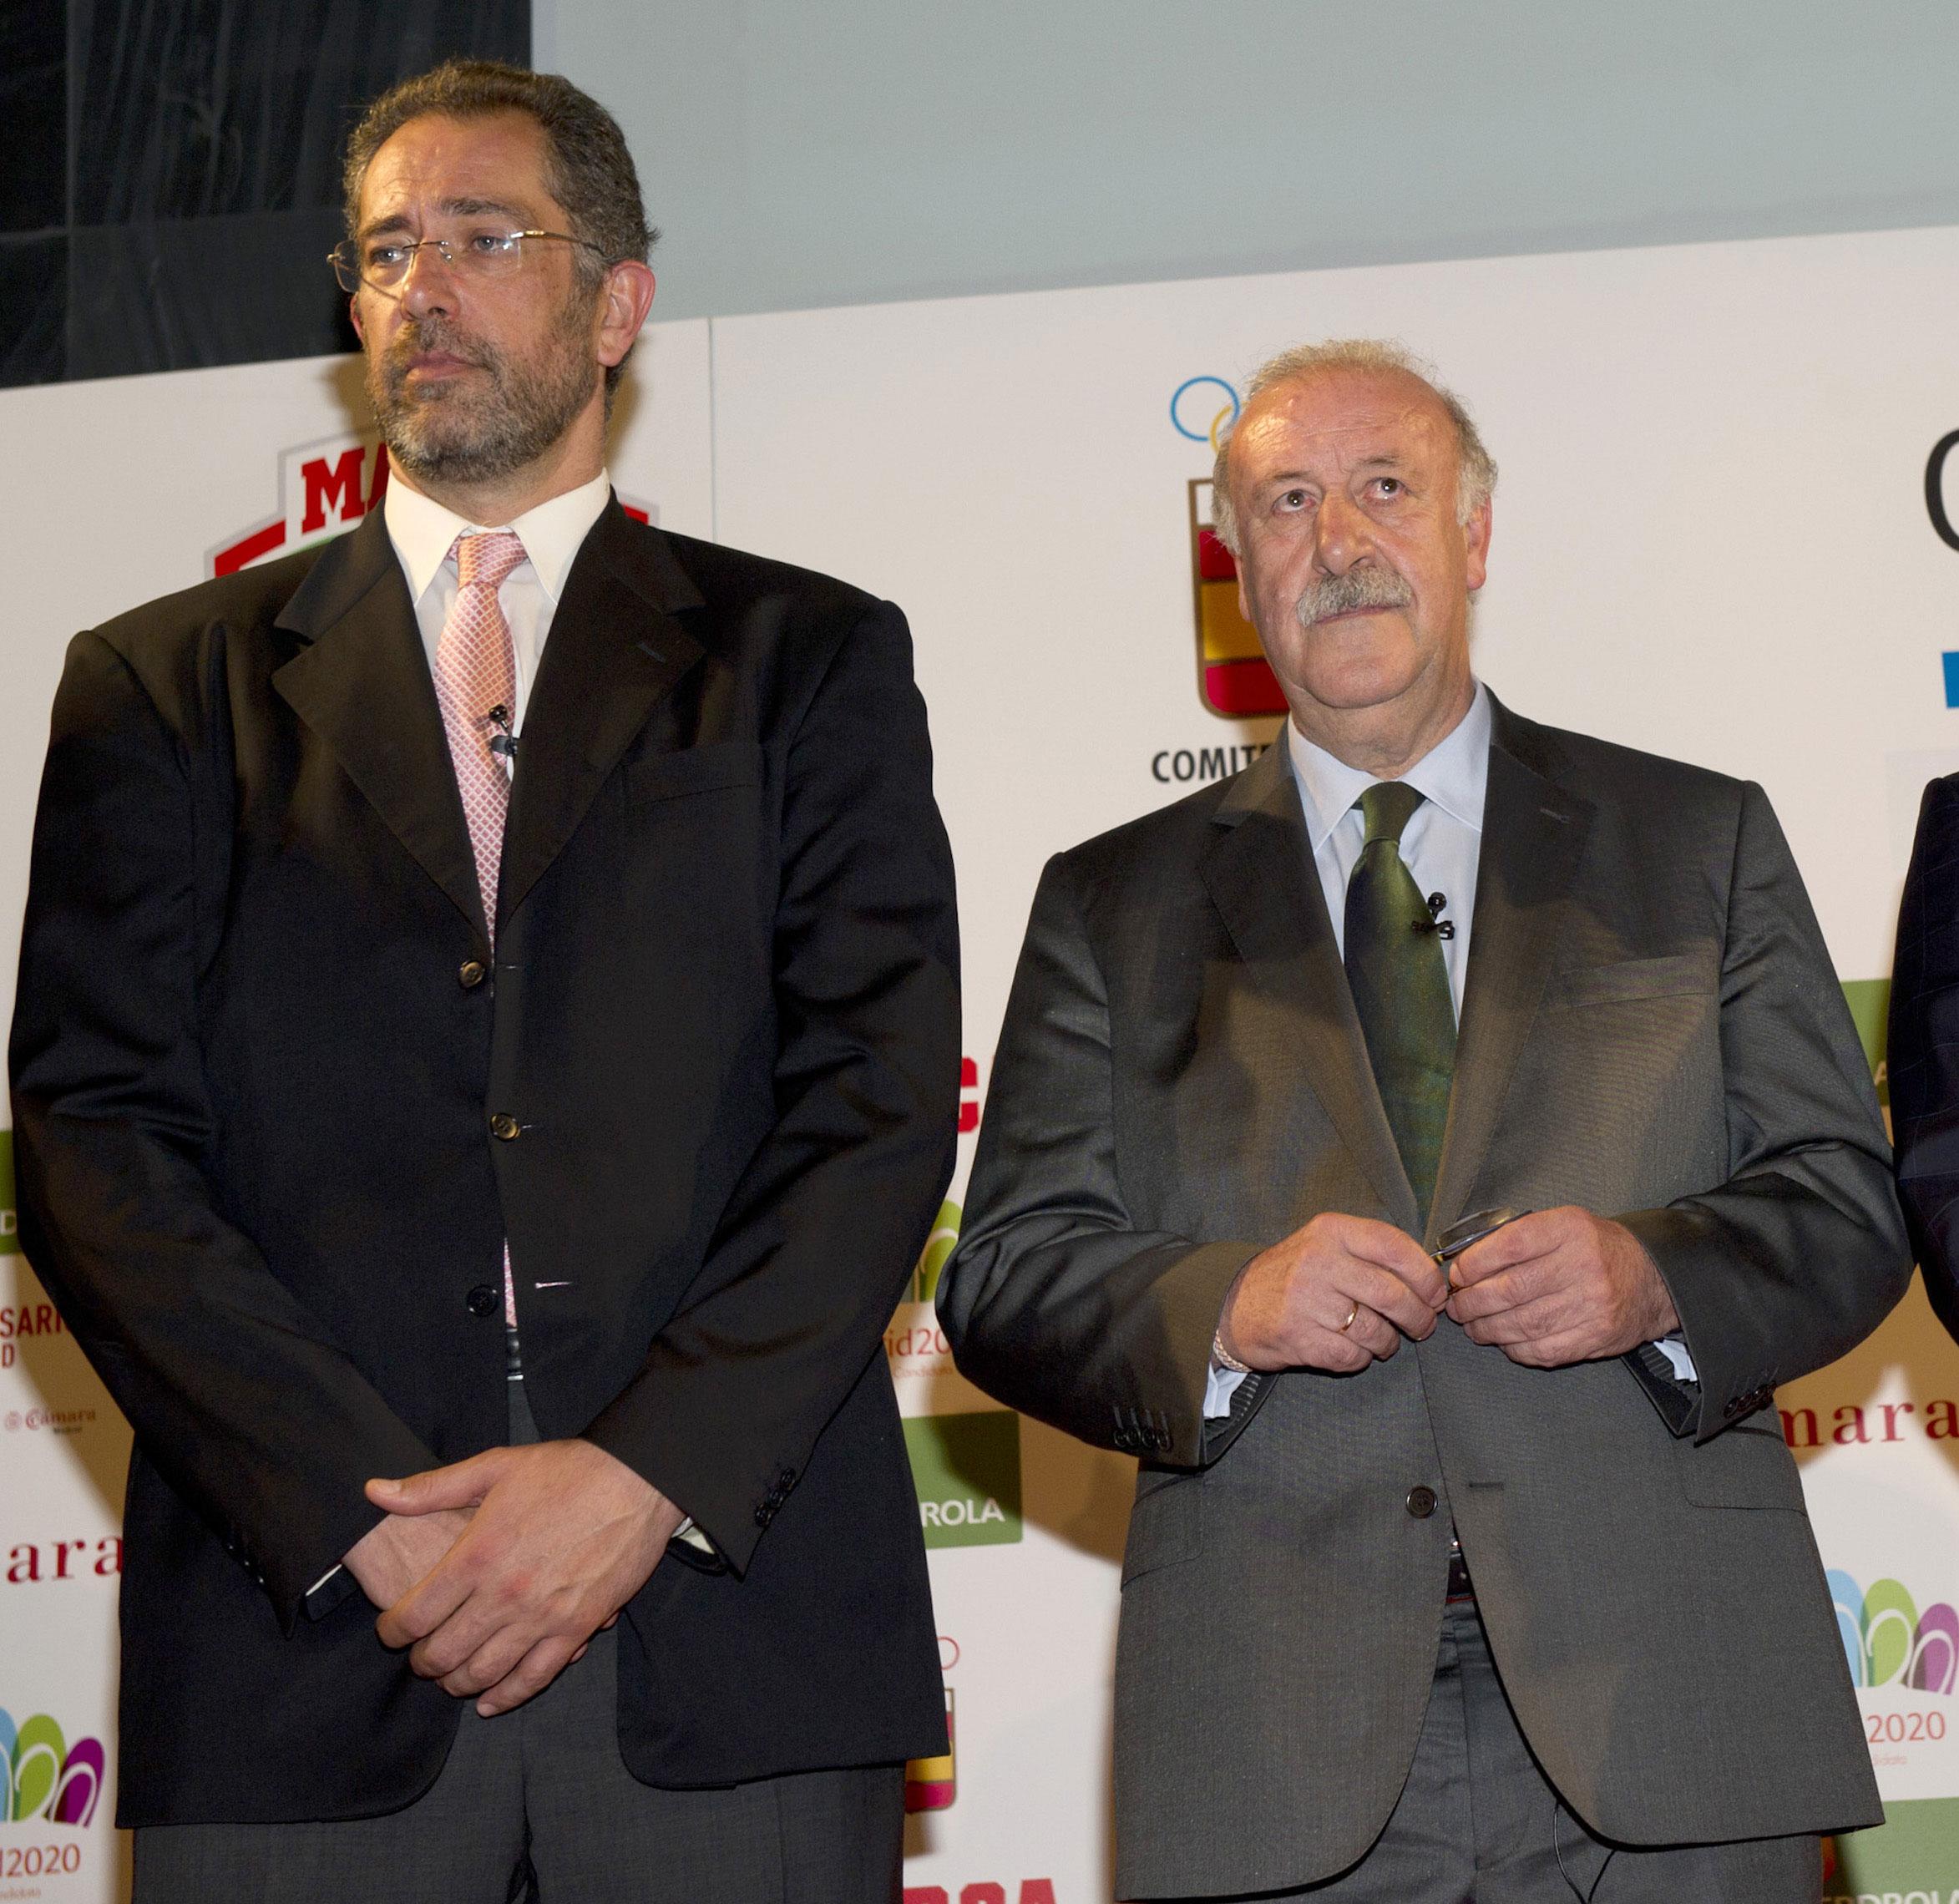 Del Bosque y Orenga pierden dignidad al aferrarse a sus poltronas, nuevo artículo en el blog Posilio News